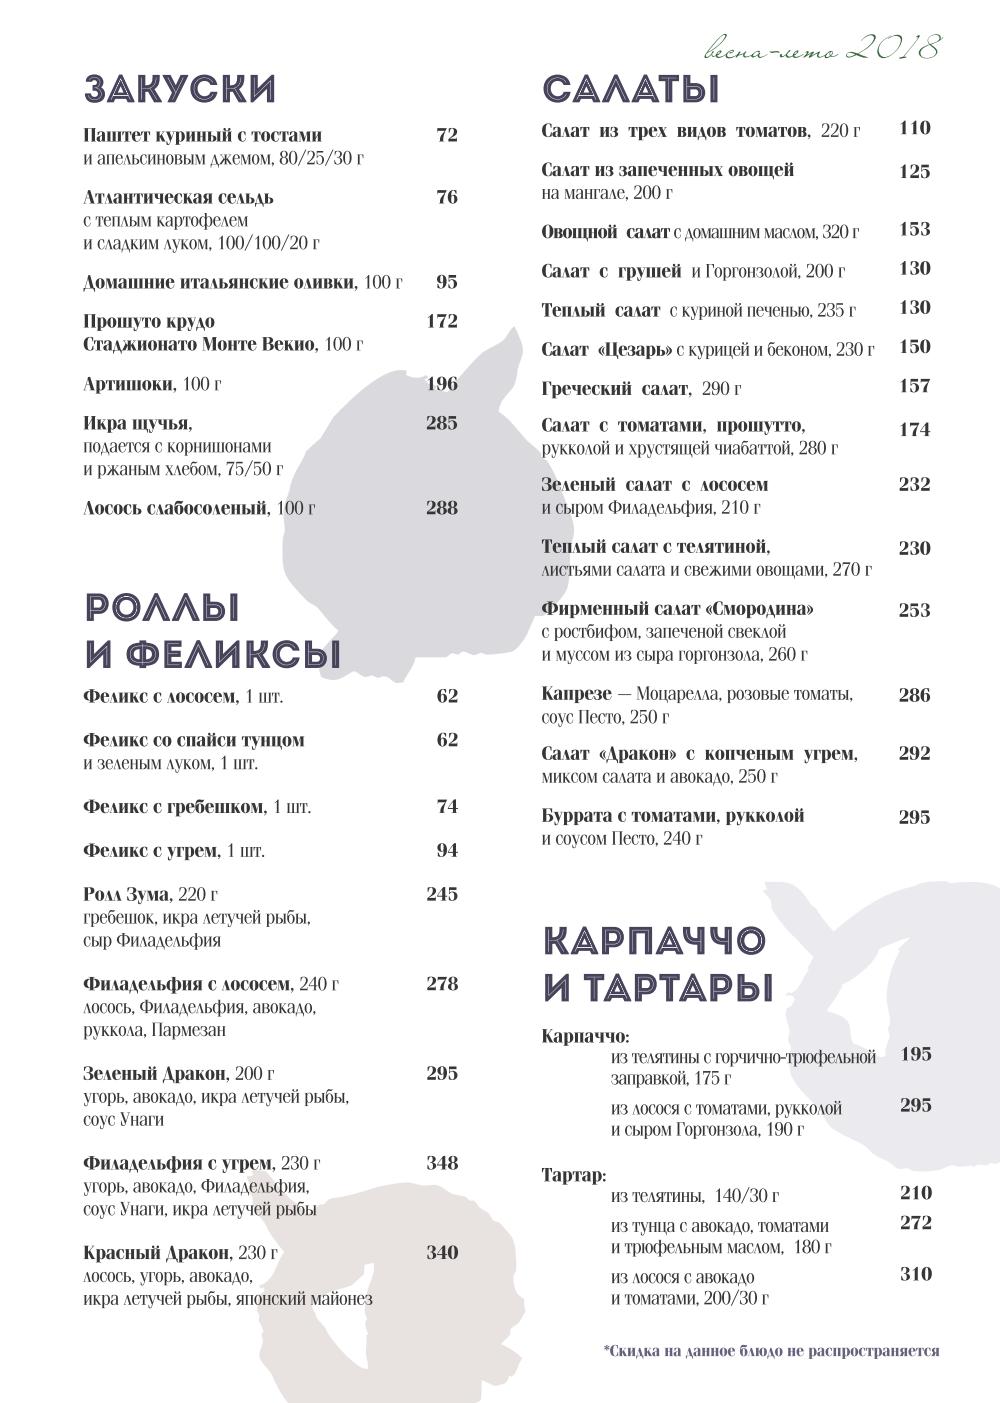 Основное меню ресторана СМОРОДИНА